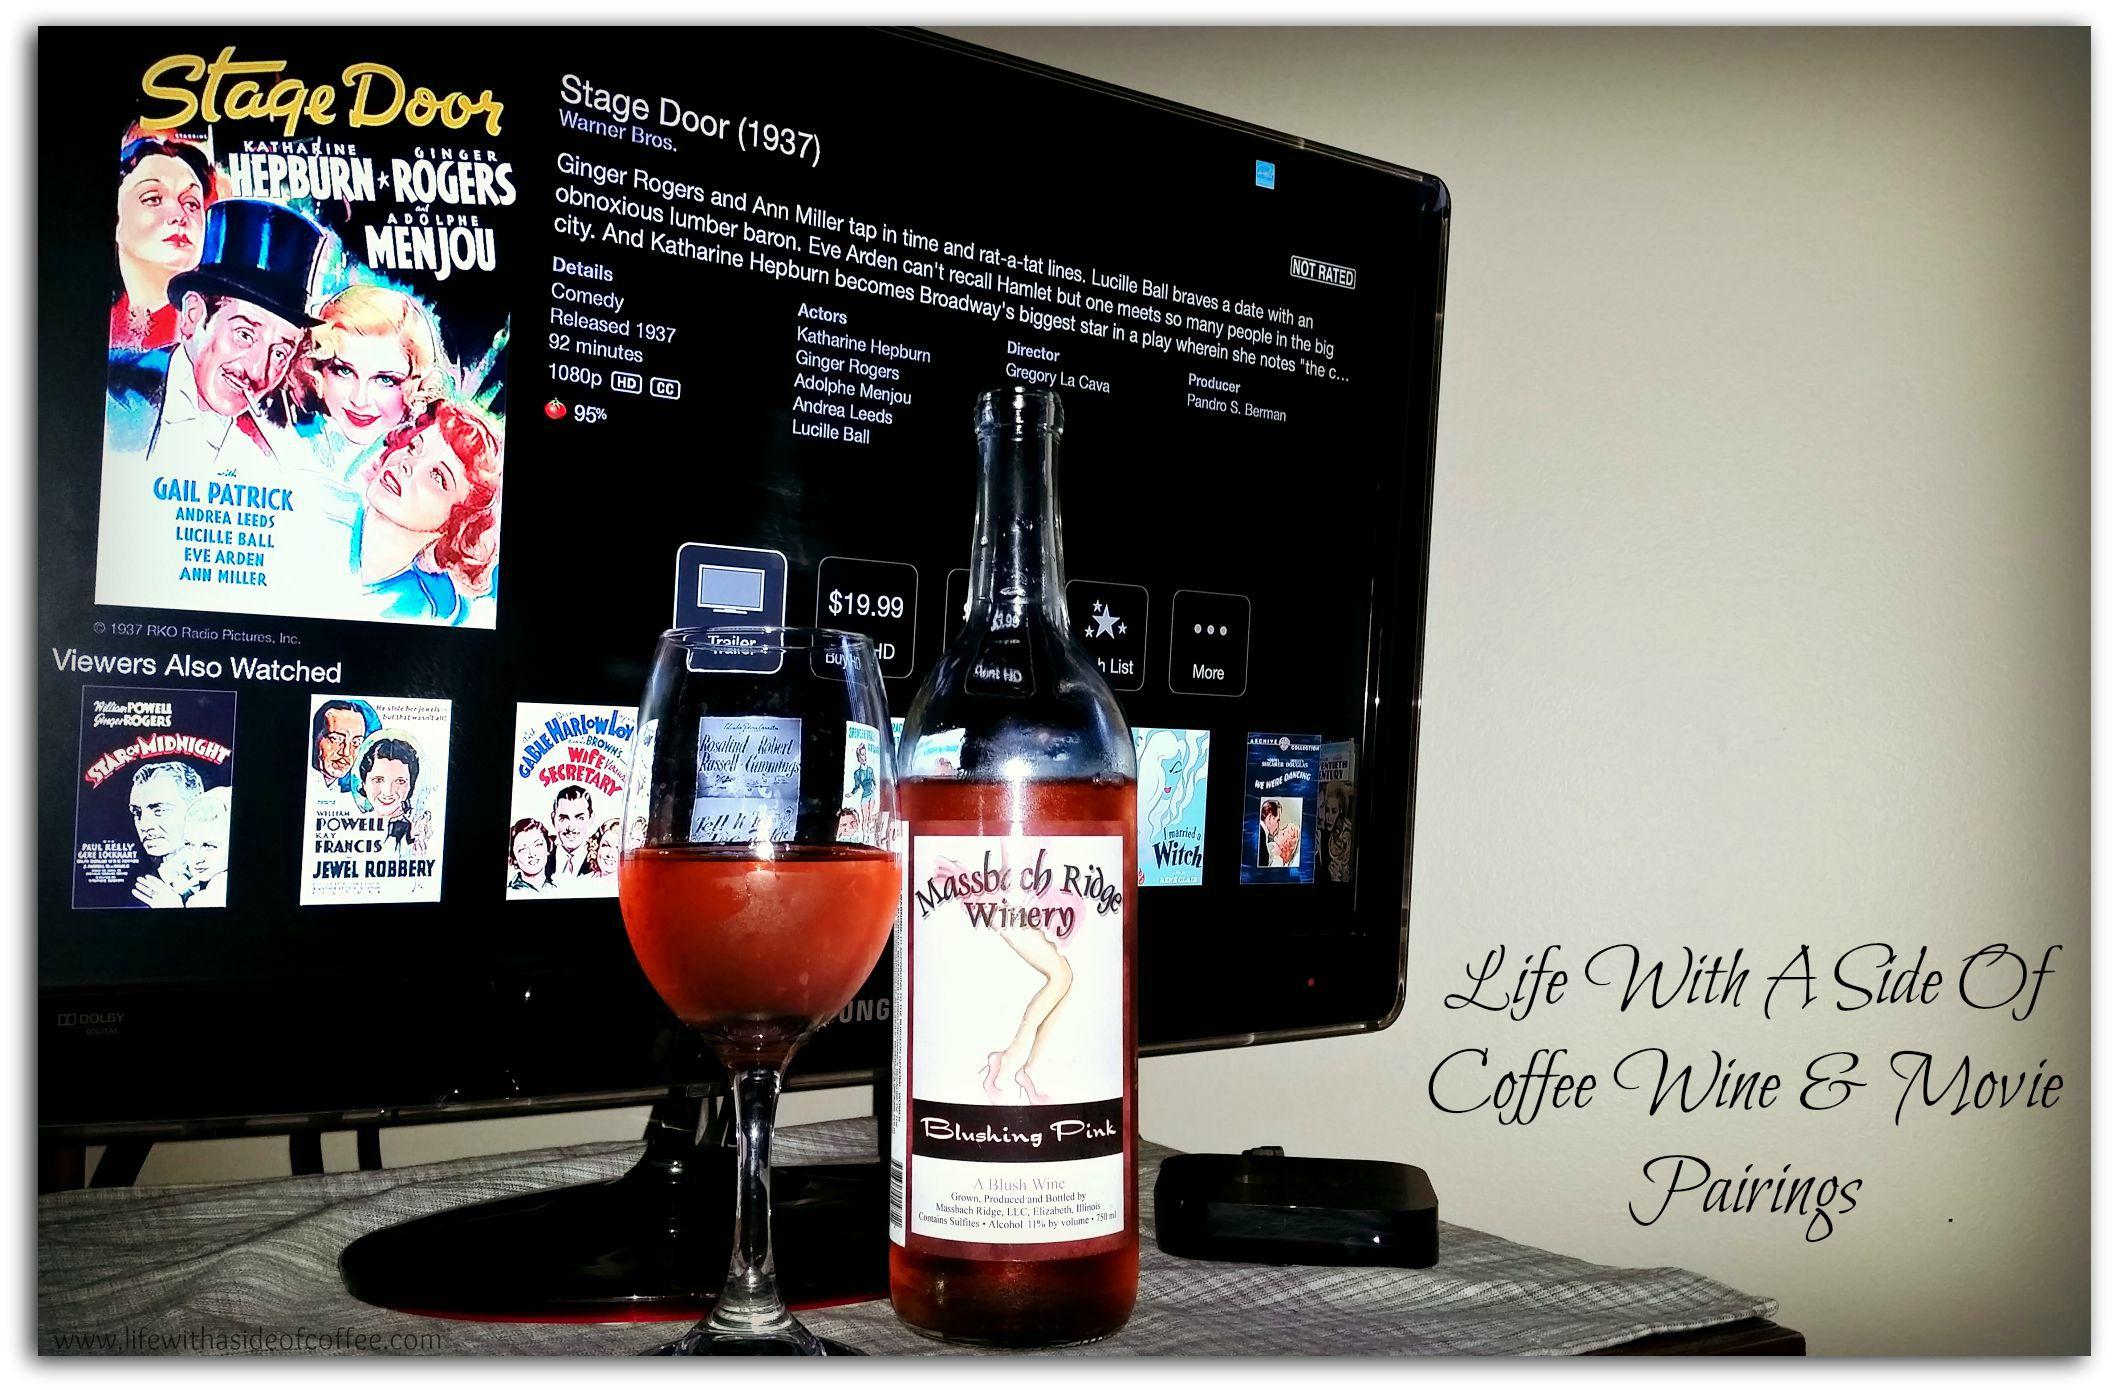 wine and movie pairings header